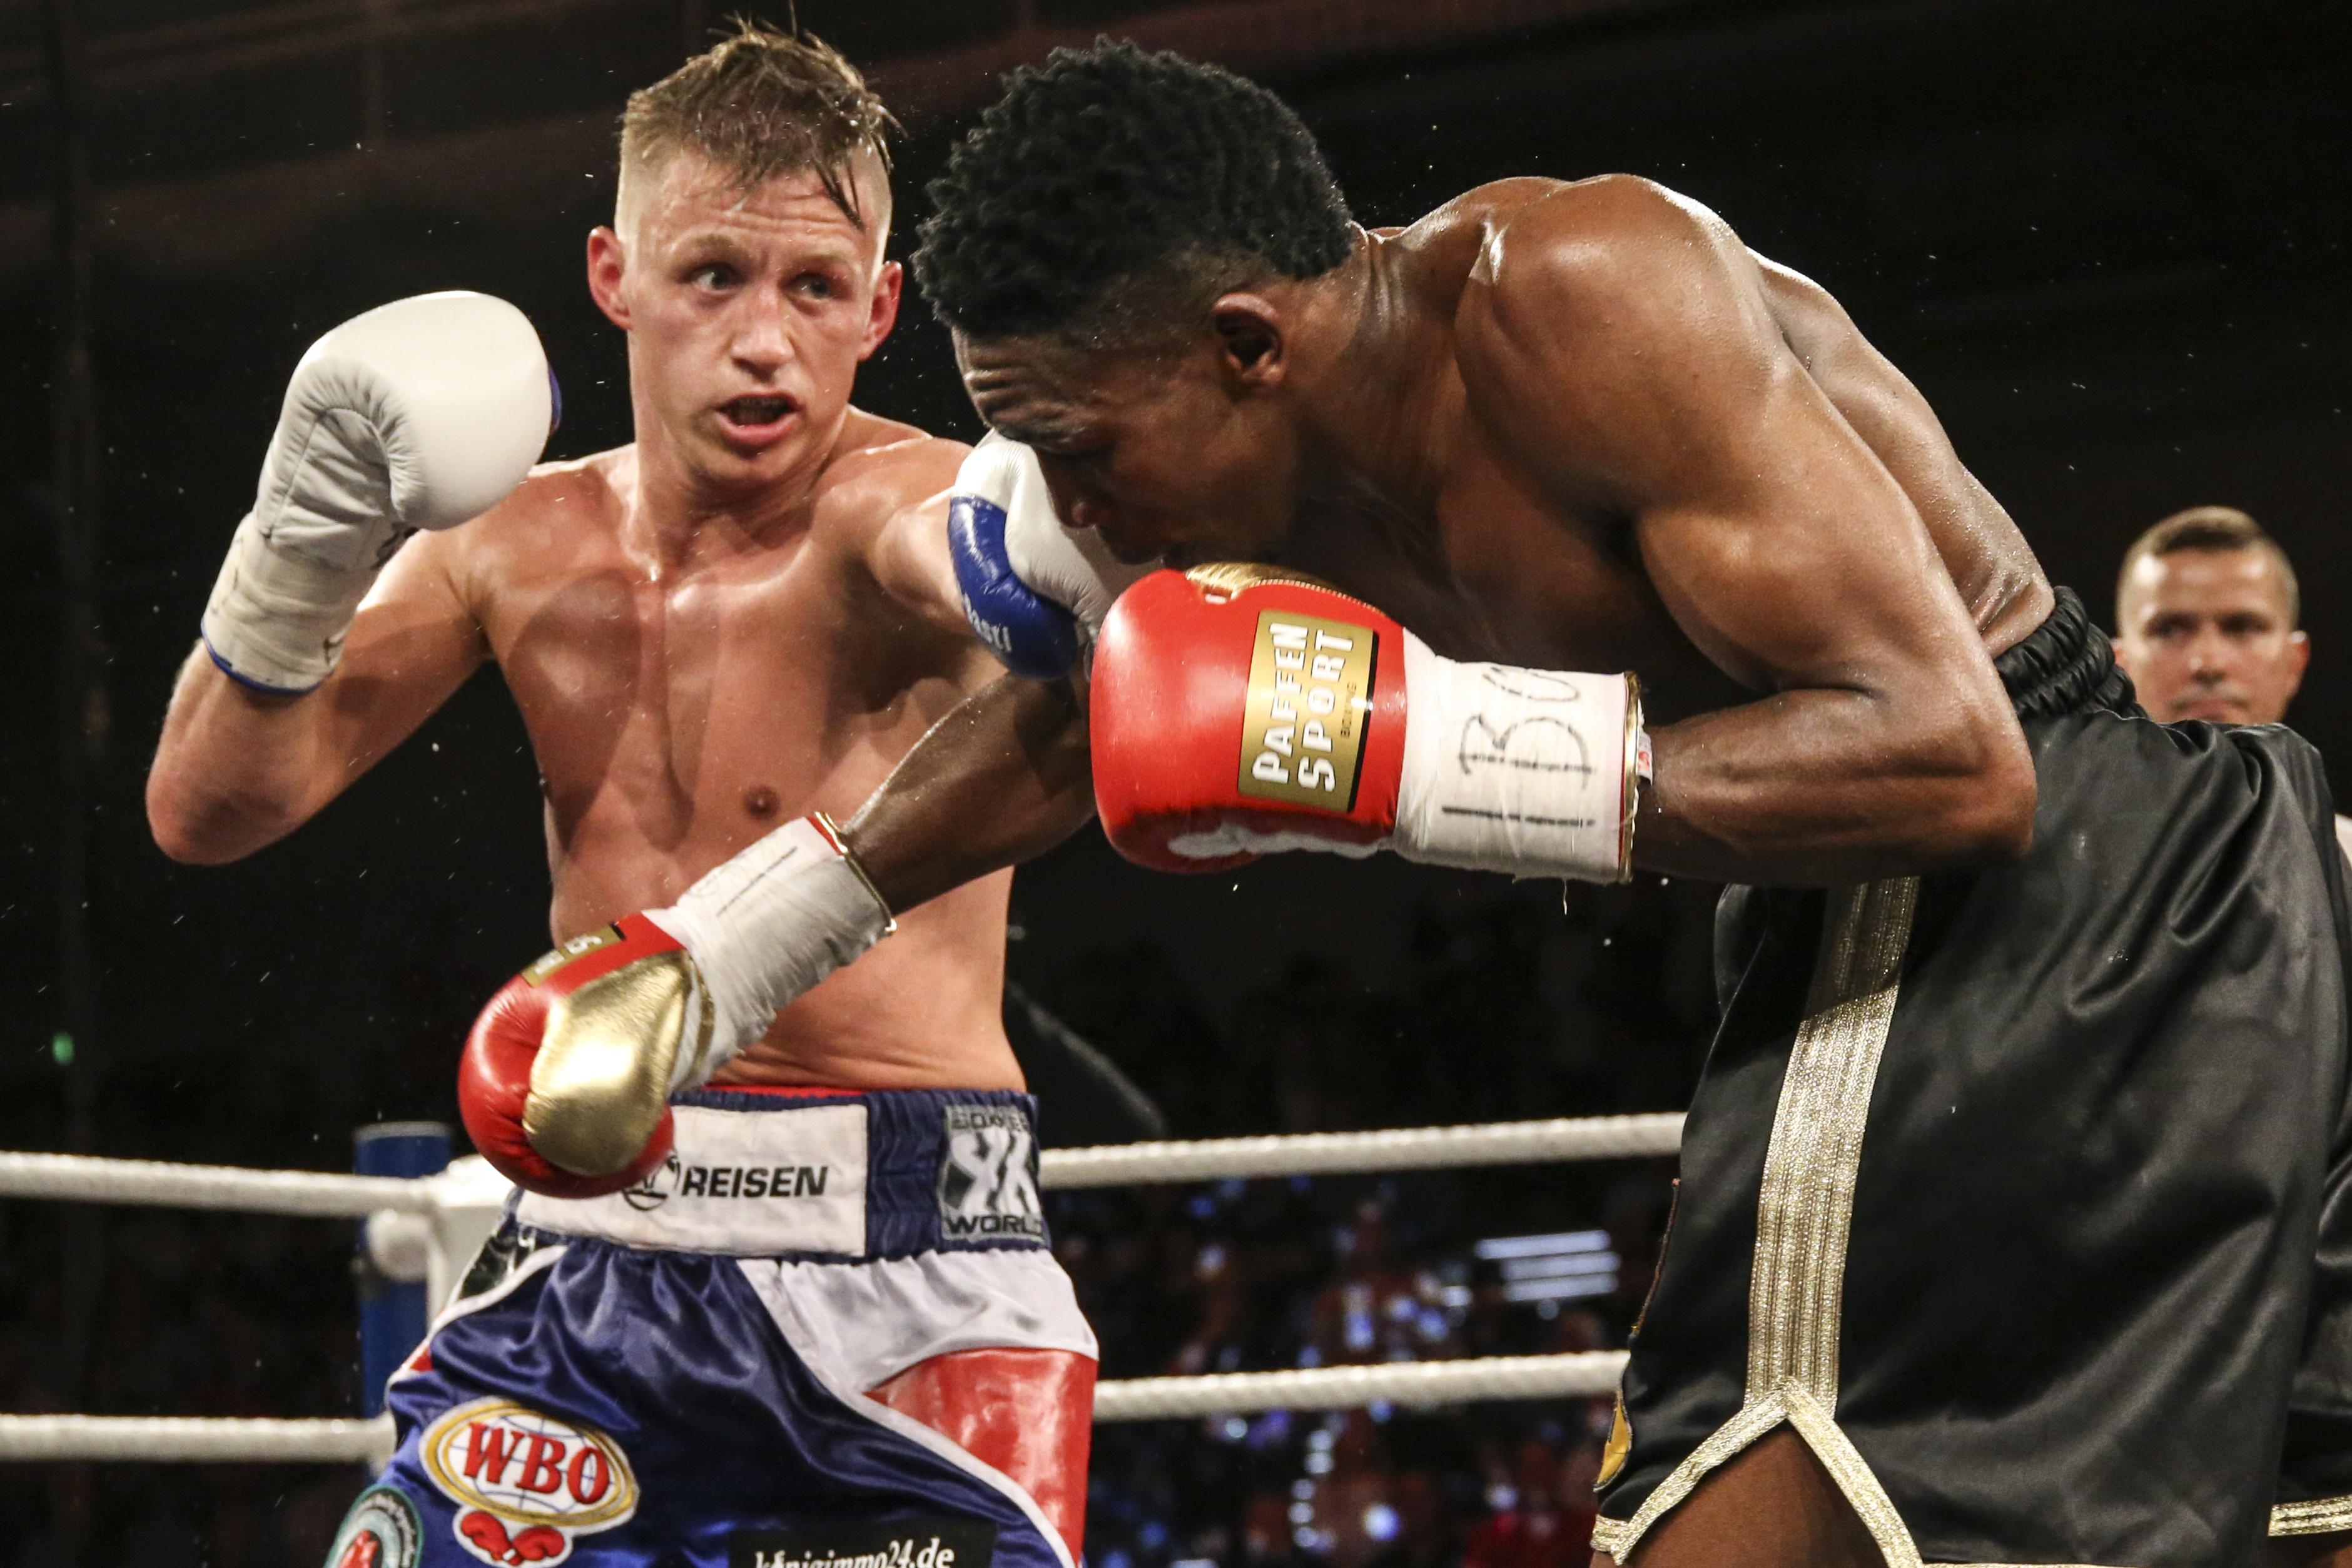 EC Boxing geht mit Zuversicht ins Jubiläumsjahr 2020